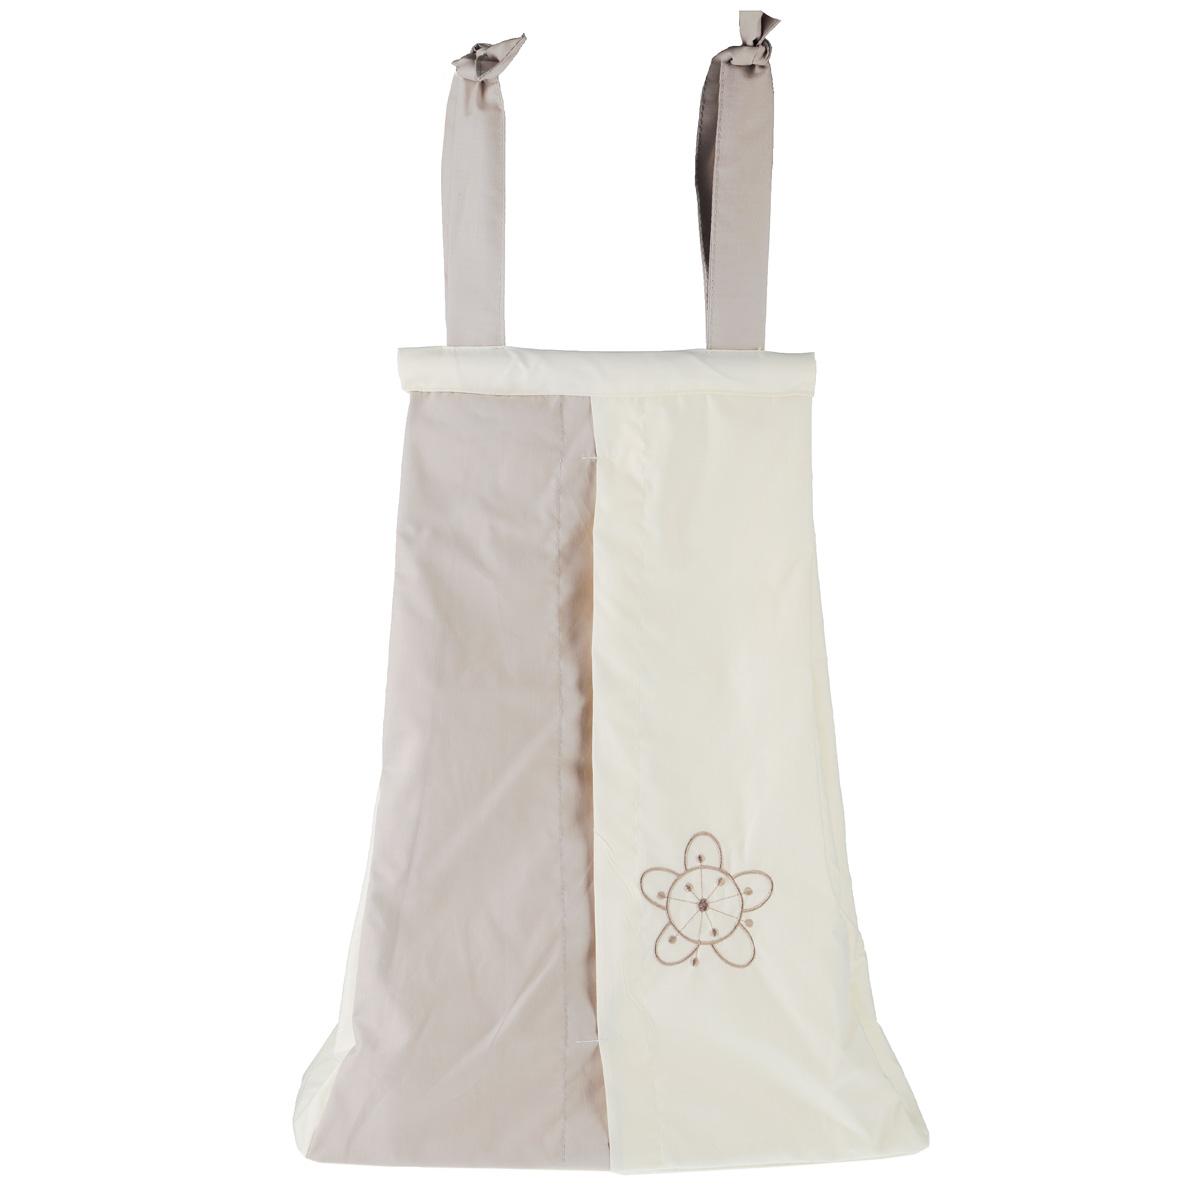 Сумка для пеленок и подгузников Fairy Волшебная полянка, цвет: бежевый, 50 см х 40 см сумка для пеленок и подгузников fairy волшебная полянка цвет бежевый 50 см х 40 см